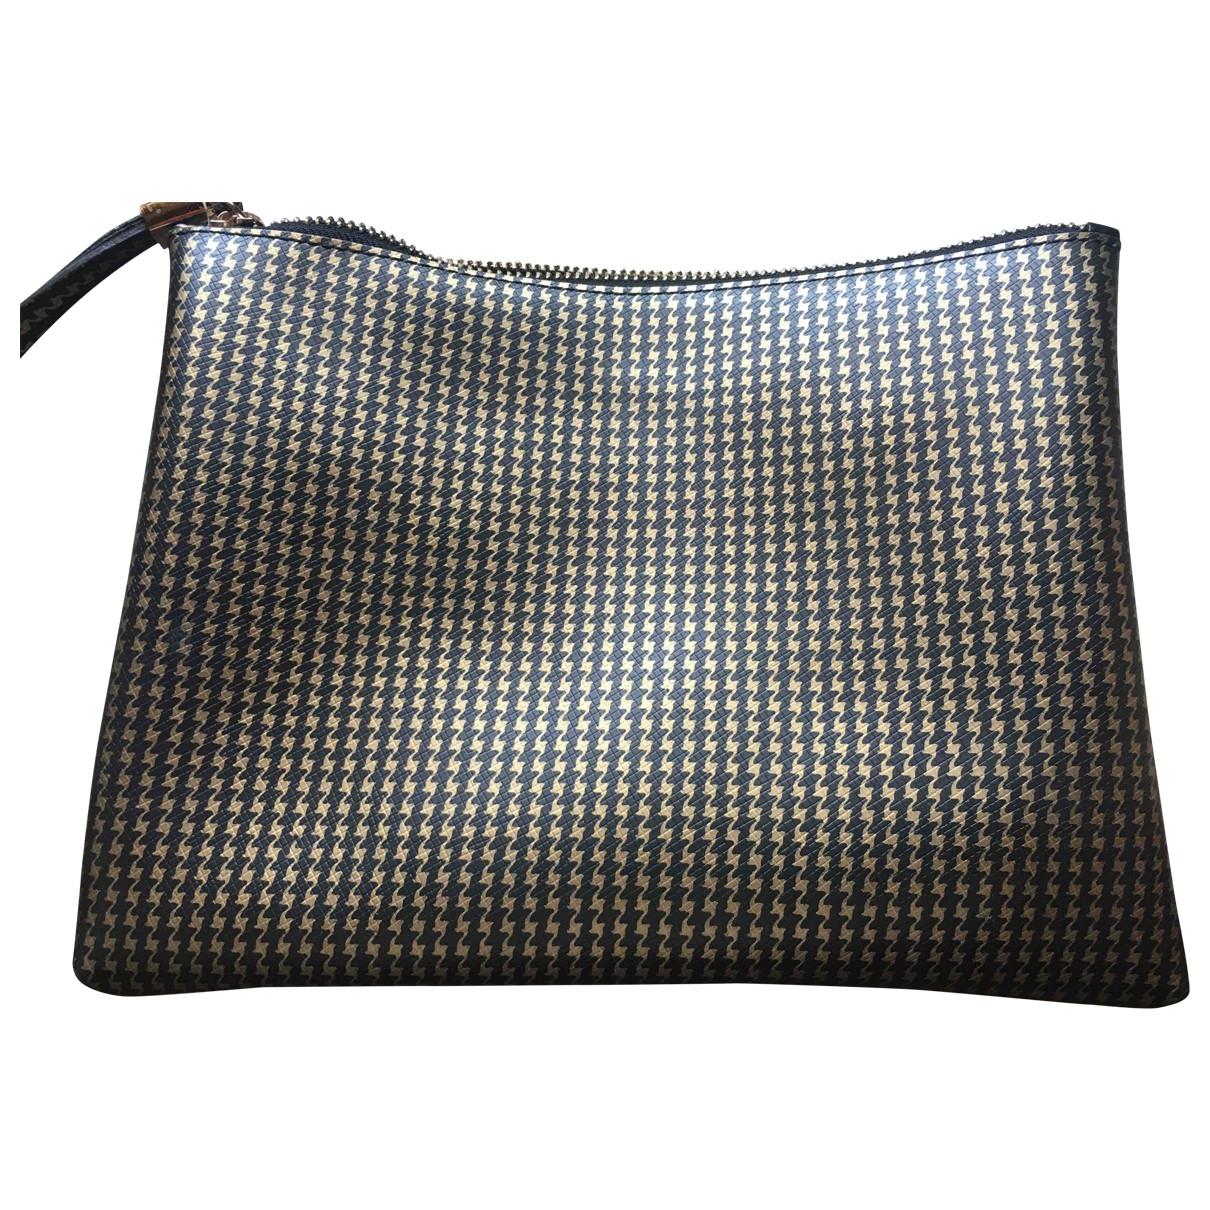 Gianni Chiarini \N Black Clutch bag for Women \N